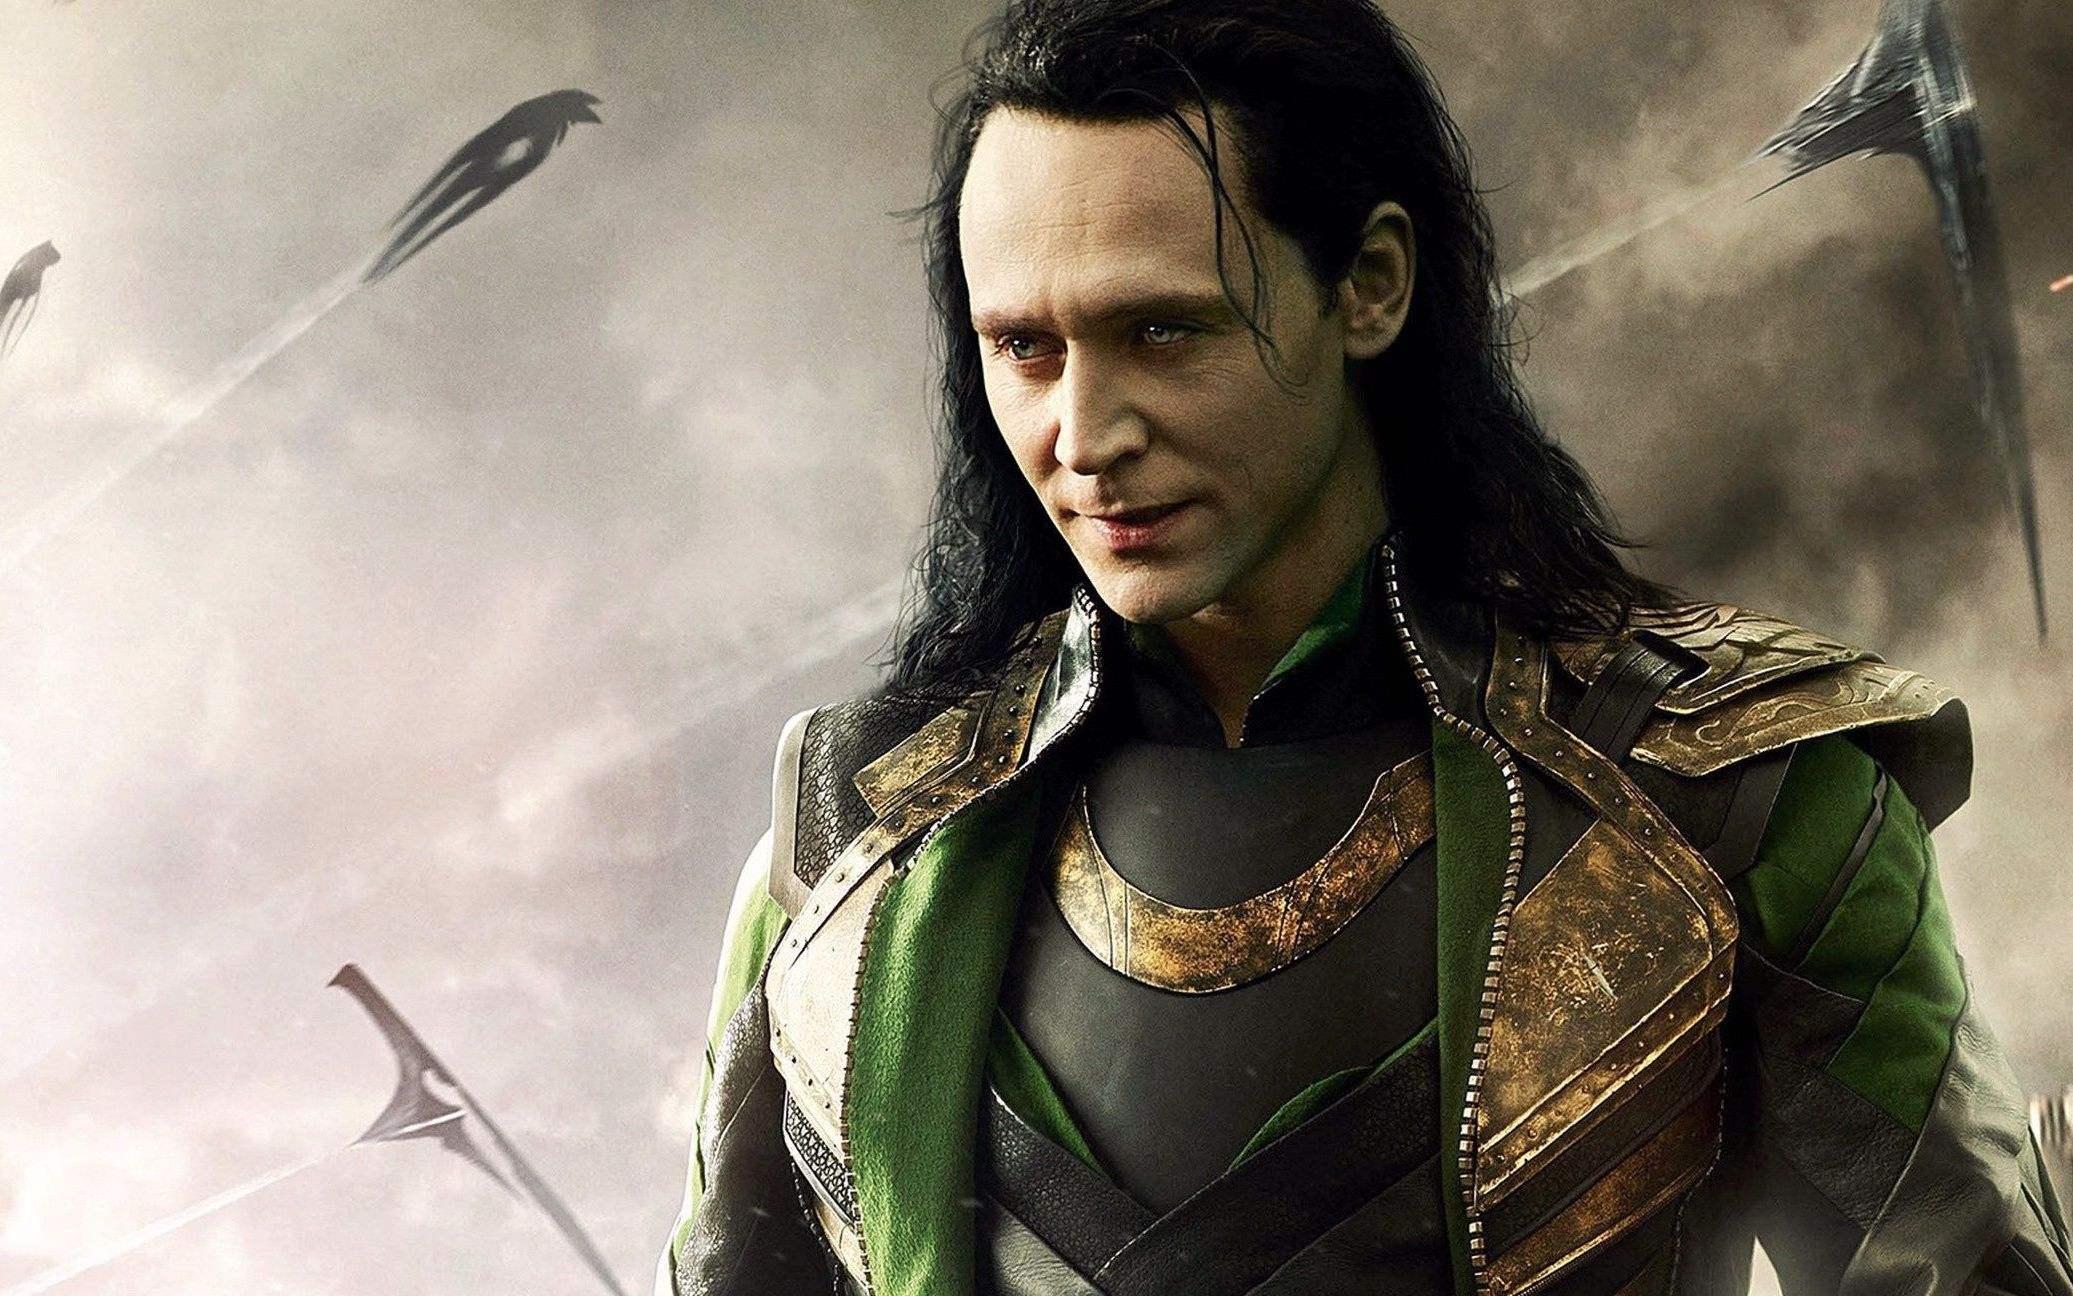 """漫威宇宙""""洛基""""演员隐瞒剧情 诡诈之神骗了全世界"""